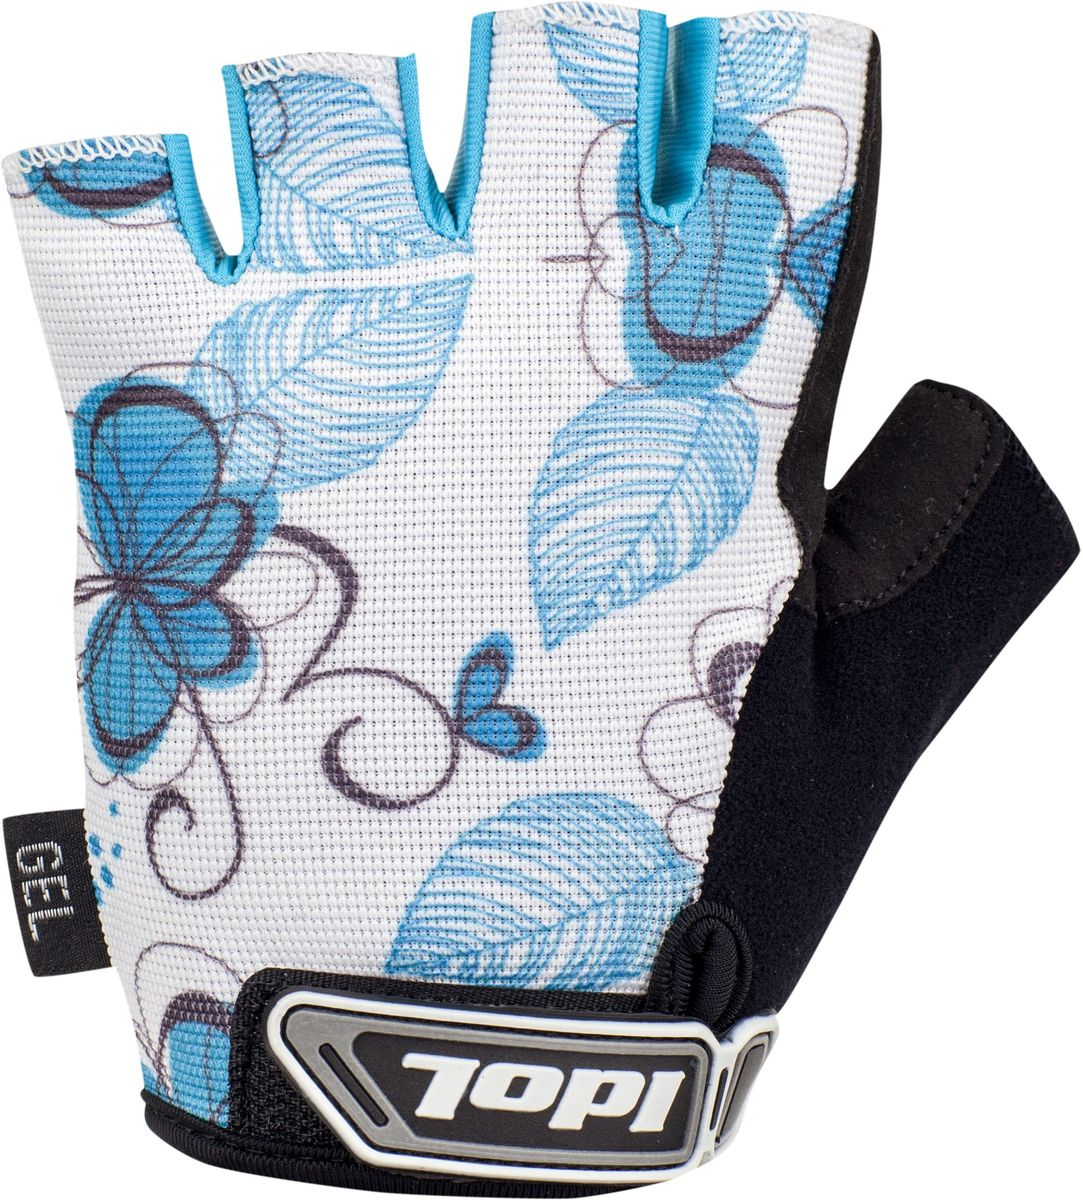 Перчатки велосипедные женские Idol Isel, цвет: белый, голубой. Размер S2716Велосипедные перчатки с открытыми пальцами Idol ISEL предназначены для велоспорта, велотуризма, велосипедных прогулок. Верх выполнен из высококачественного эластичного материала 4-way stretch, который отличается повышенной воздухопроницаемостью. Ладонь изготовлена из синтетической кожи Amara и дополнена гелевой вставкой для большего комфорта. Большой палец перчатки отделан влагоотводящим материалом. На запястьях перчатки фиксируются прочными липучками. Для удобства снятия каждая перчатка оснащена двумя небольшими петельками.Высокое качество, технически совершенные материалы, оригинальный стильный дизайн, функциональность и долговечность выделяют велоперчатки Idol среди прочих.